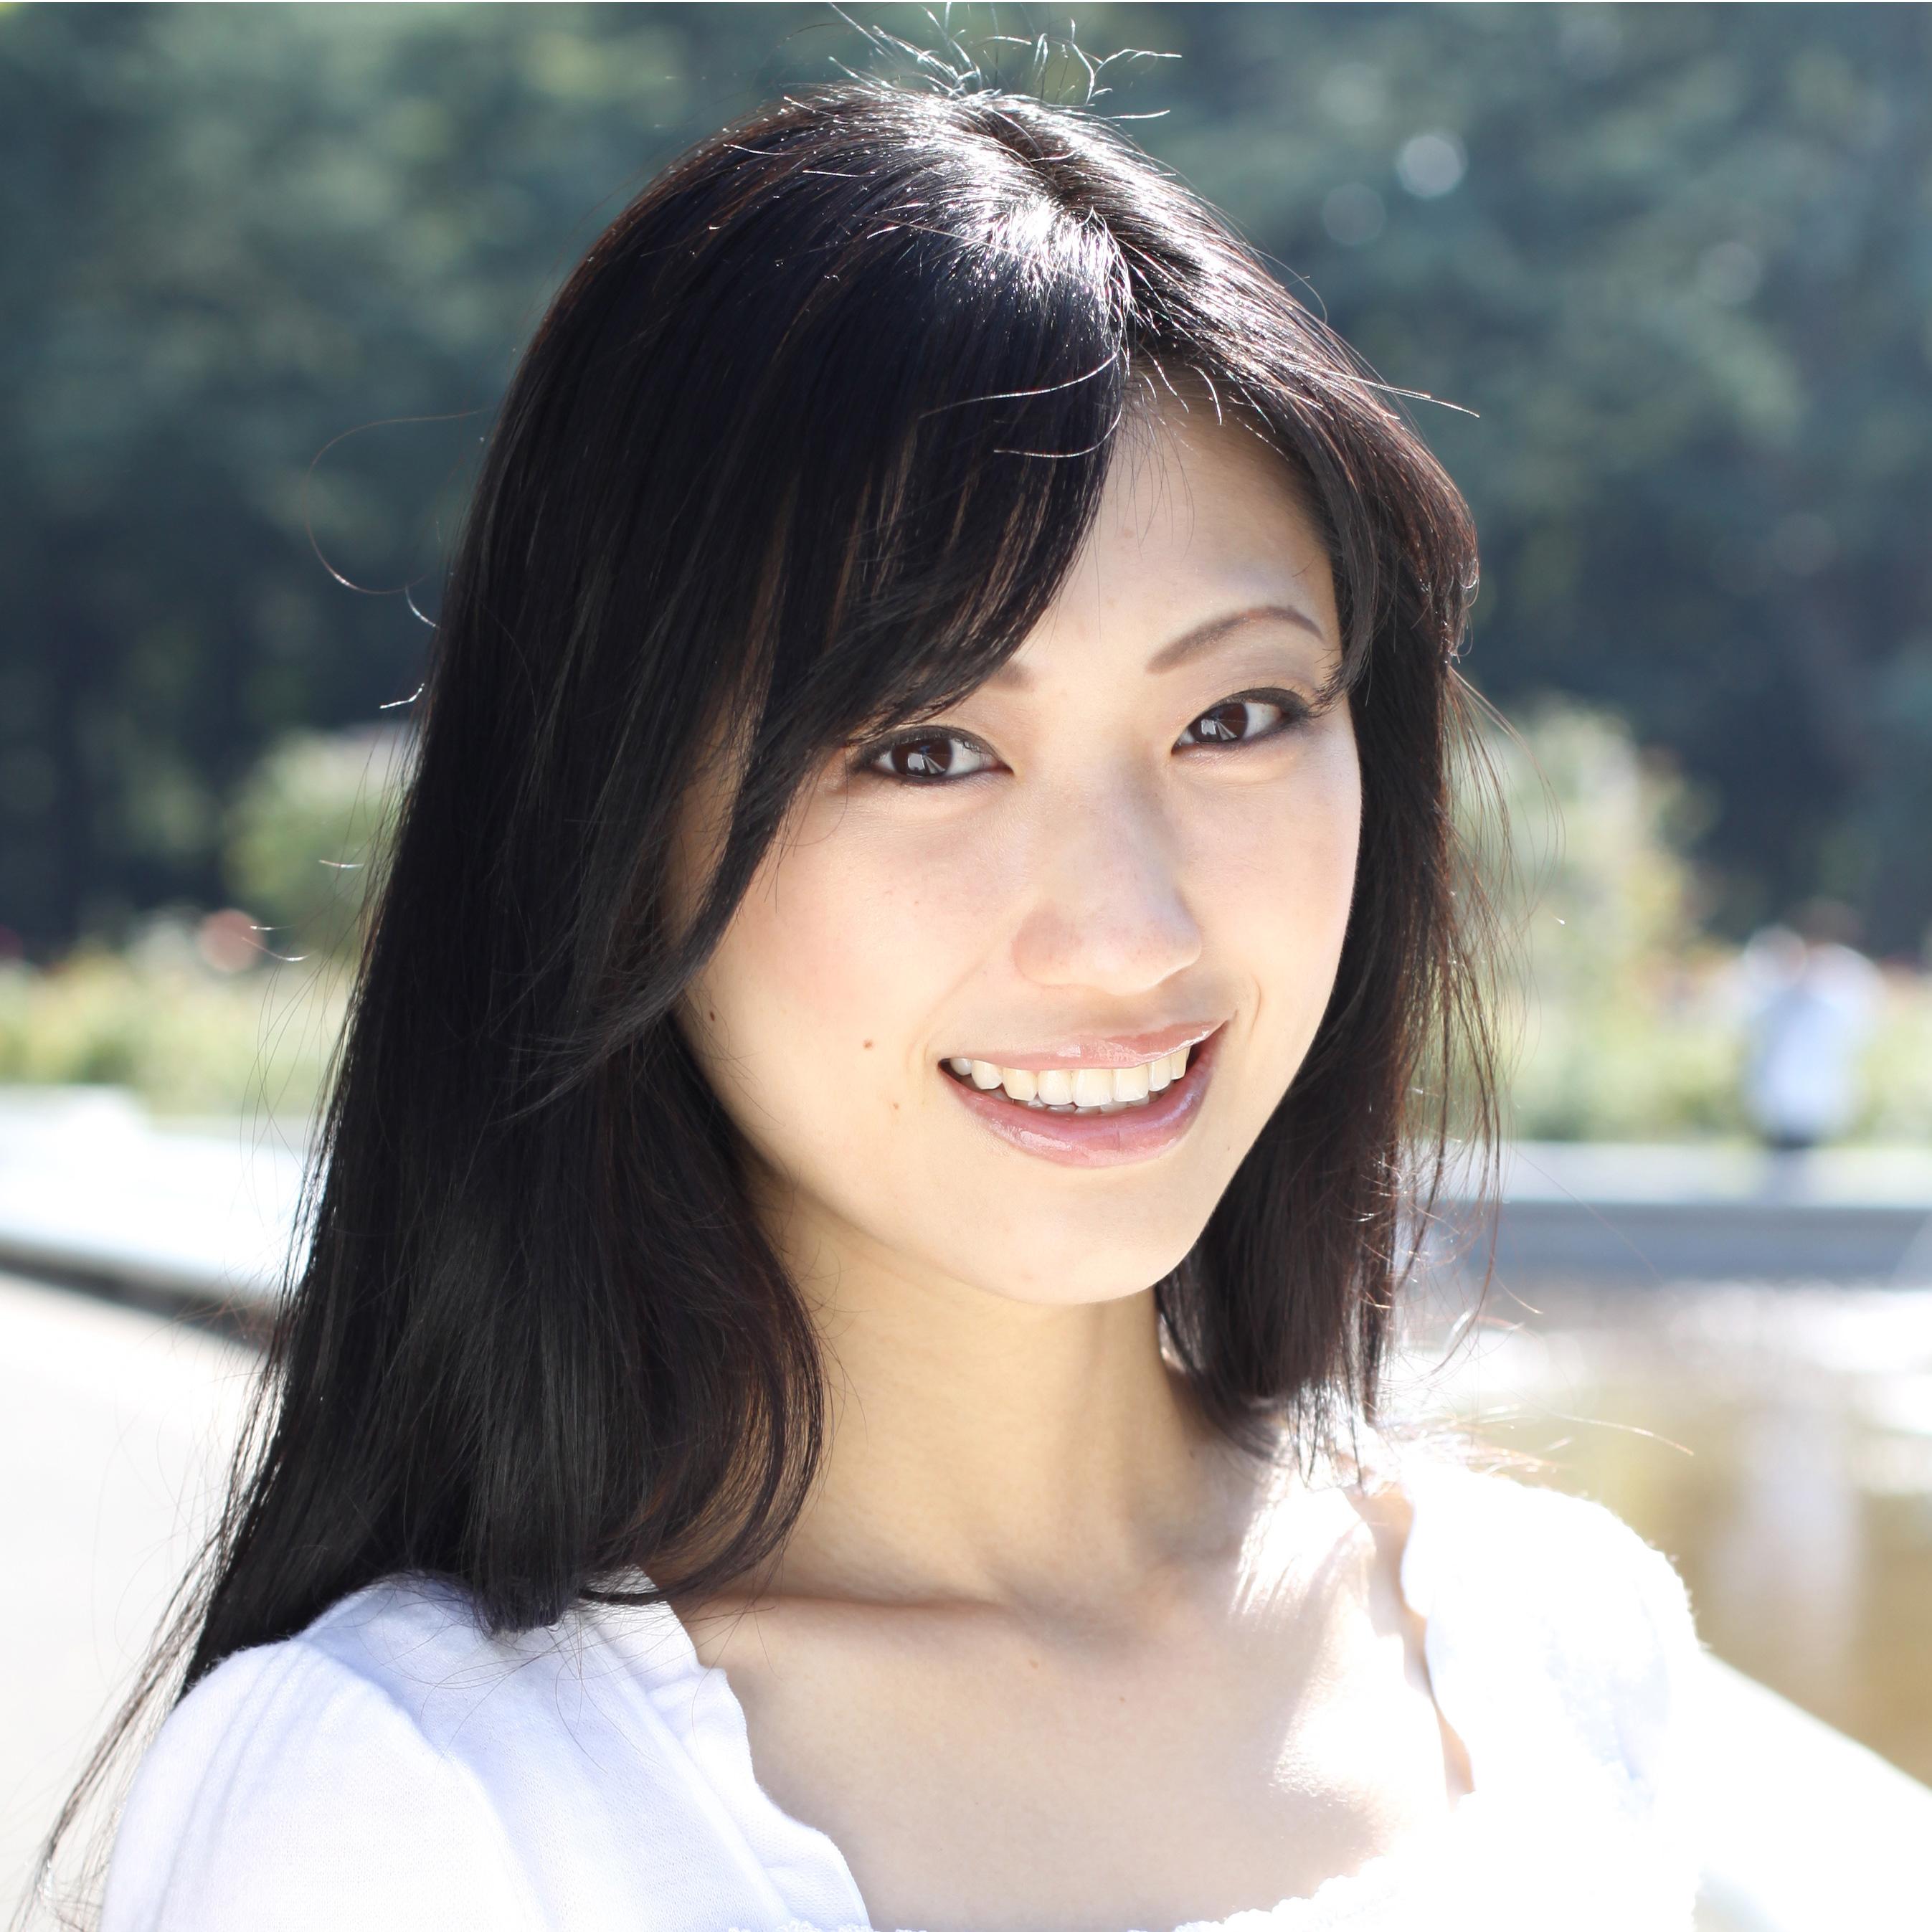 FC2 - 歯科助手 DL8X - 25歳 きょうこ あすか 27歳 歯科助手